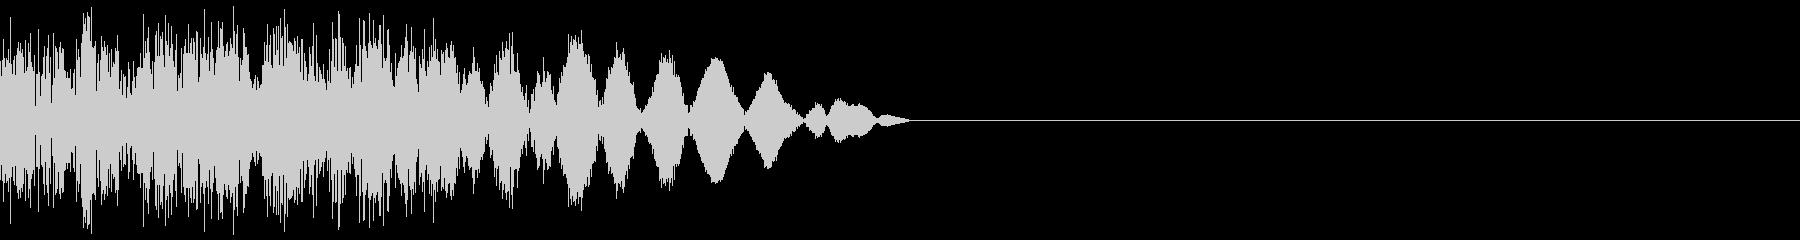 ガキィーン(ボタン・レバー・打撃音)の未再生の波形